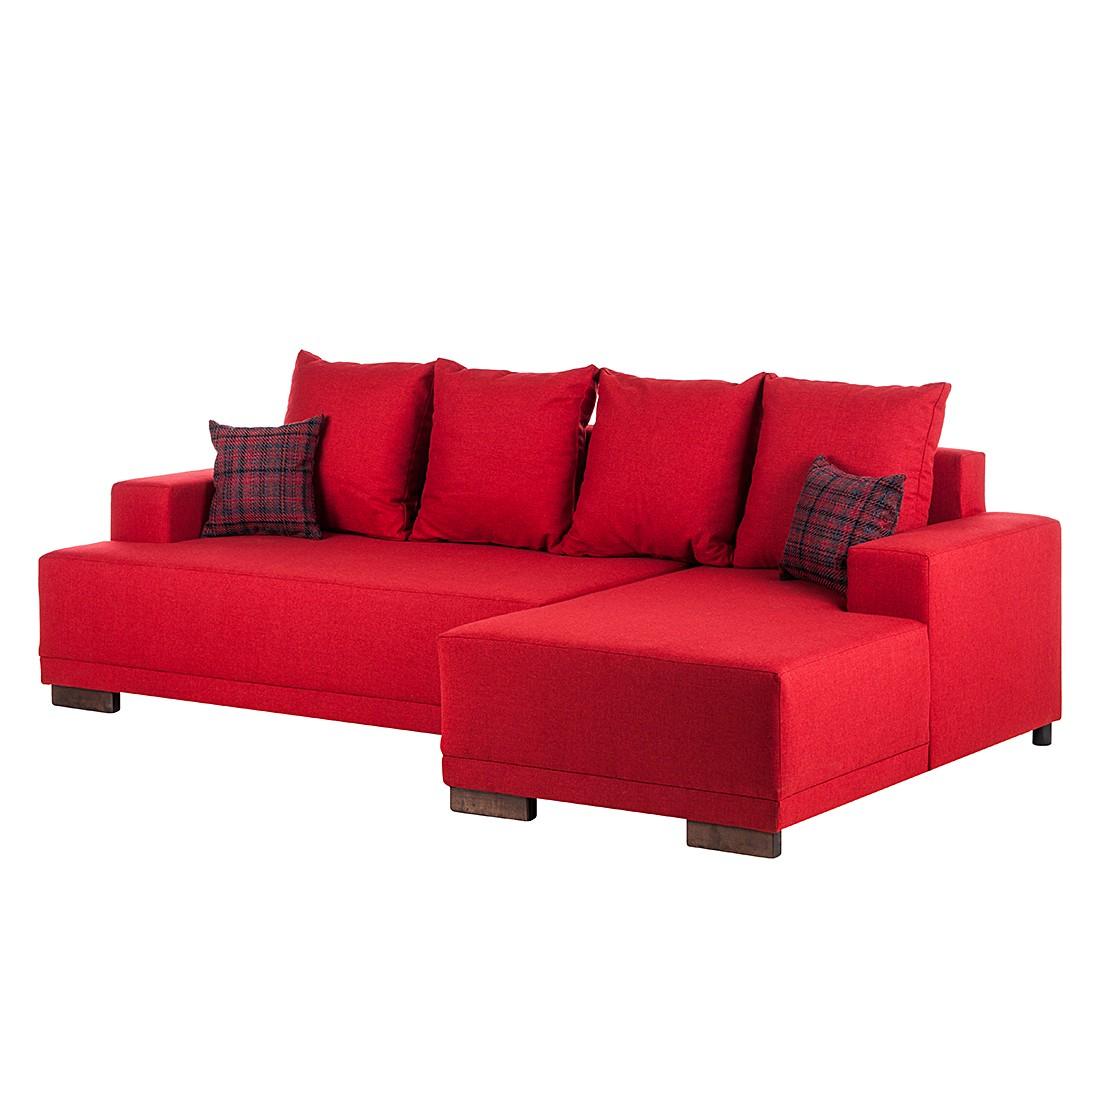 Ecksofa Vittoria (mit Schlaffunktion) – Strukturstoff Rot – Longchair davorstehend rechts, Fredriks jetzt bestellen